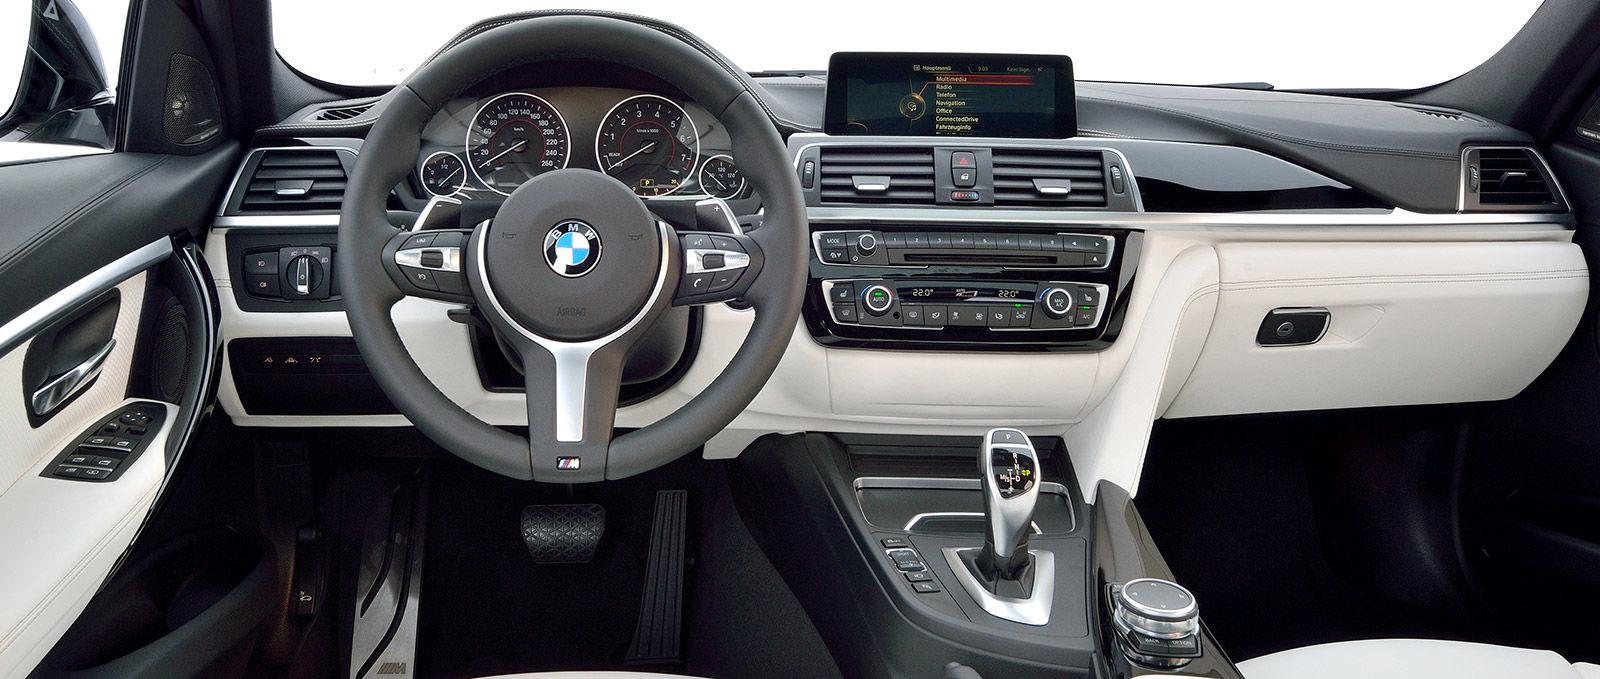 New BMW D EfficientDynamics Sport Trim Carwow - Bmw 320 new